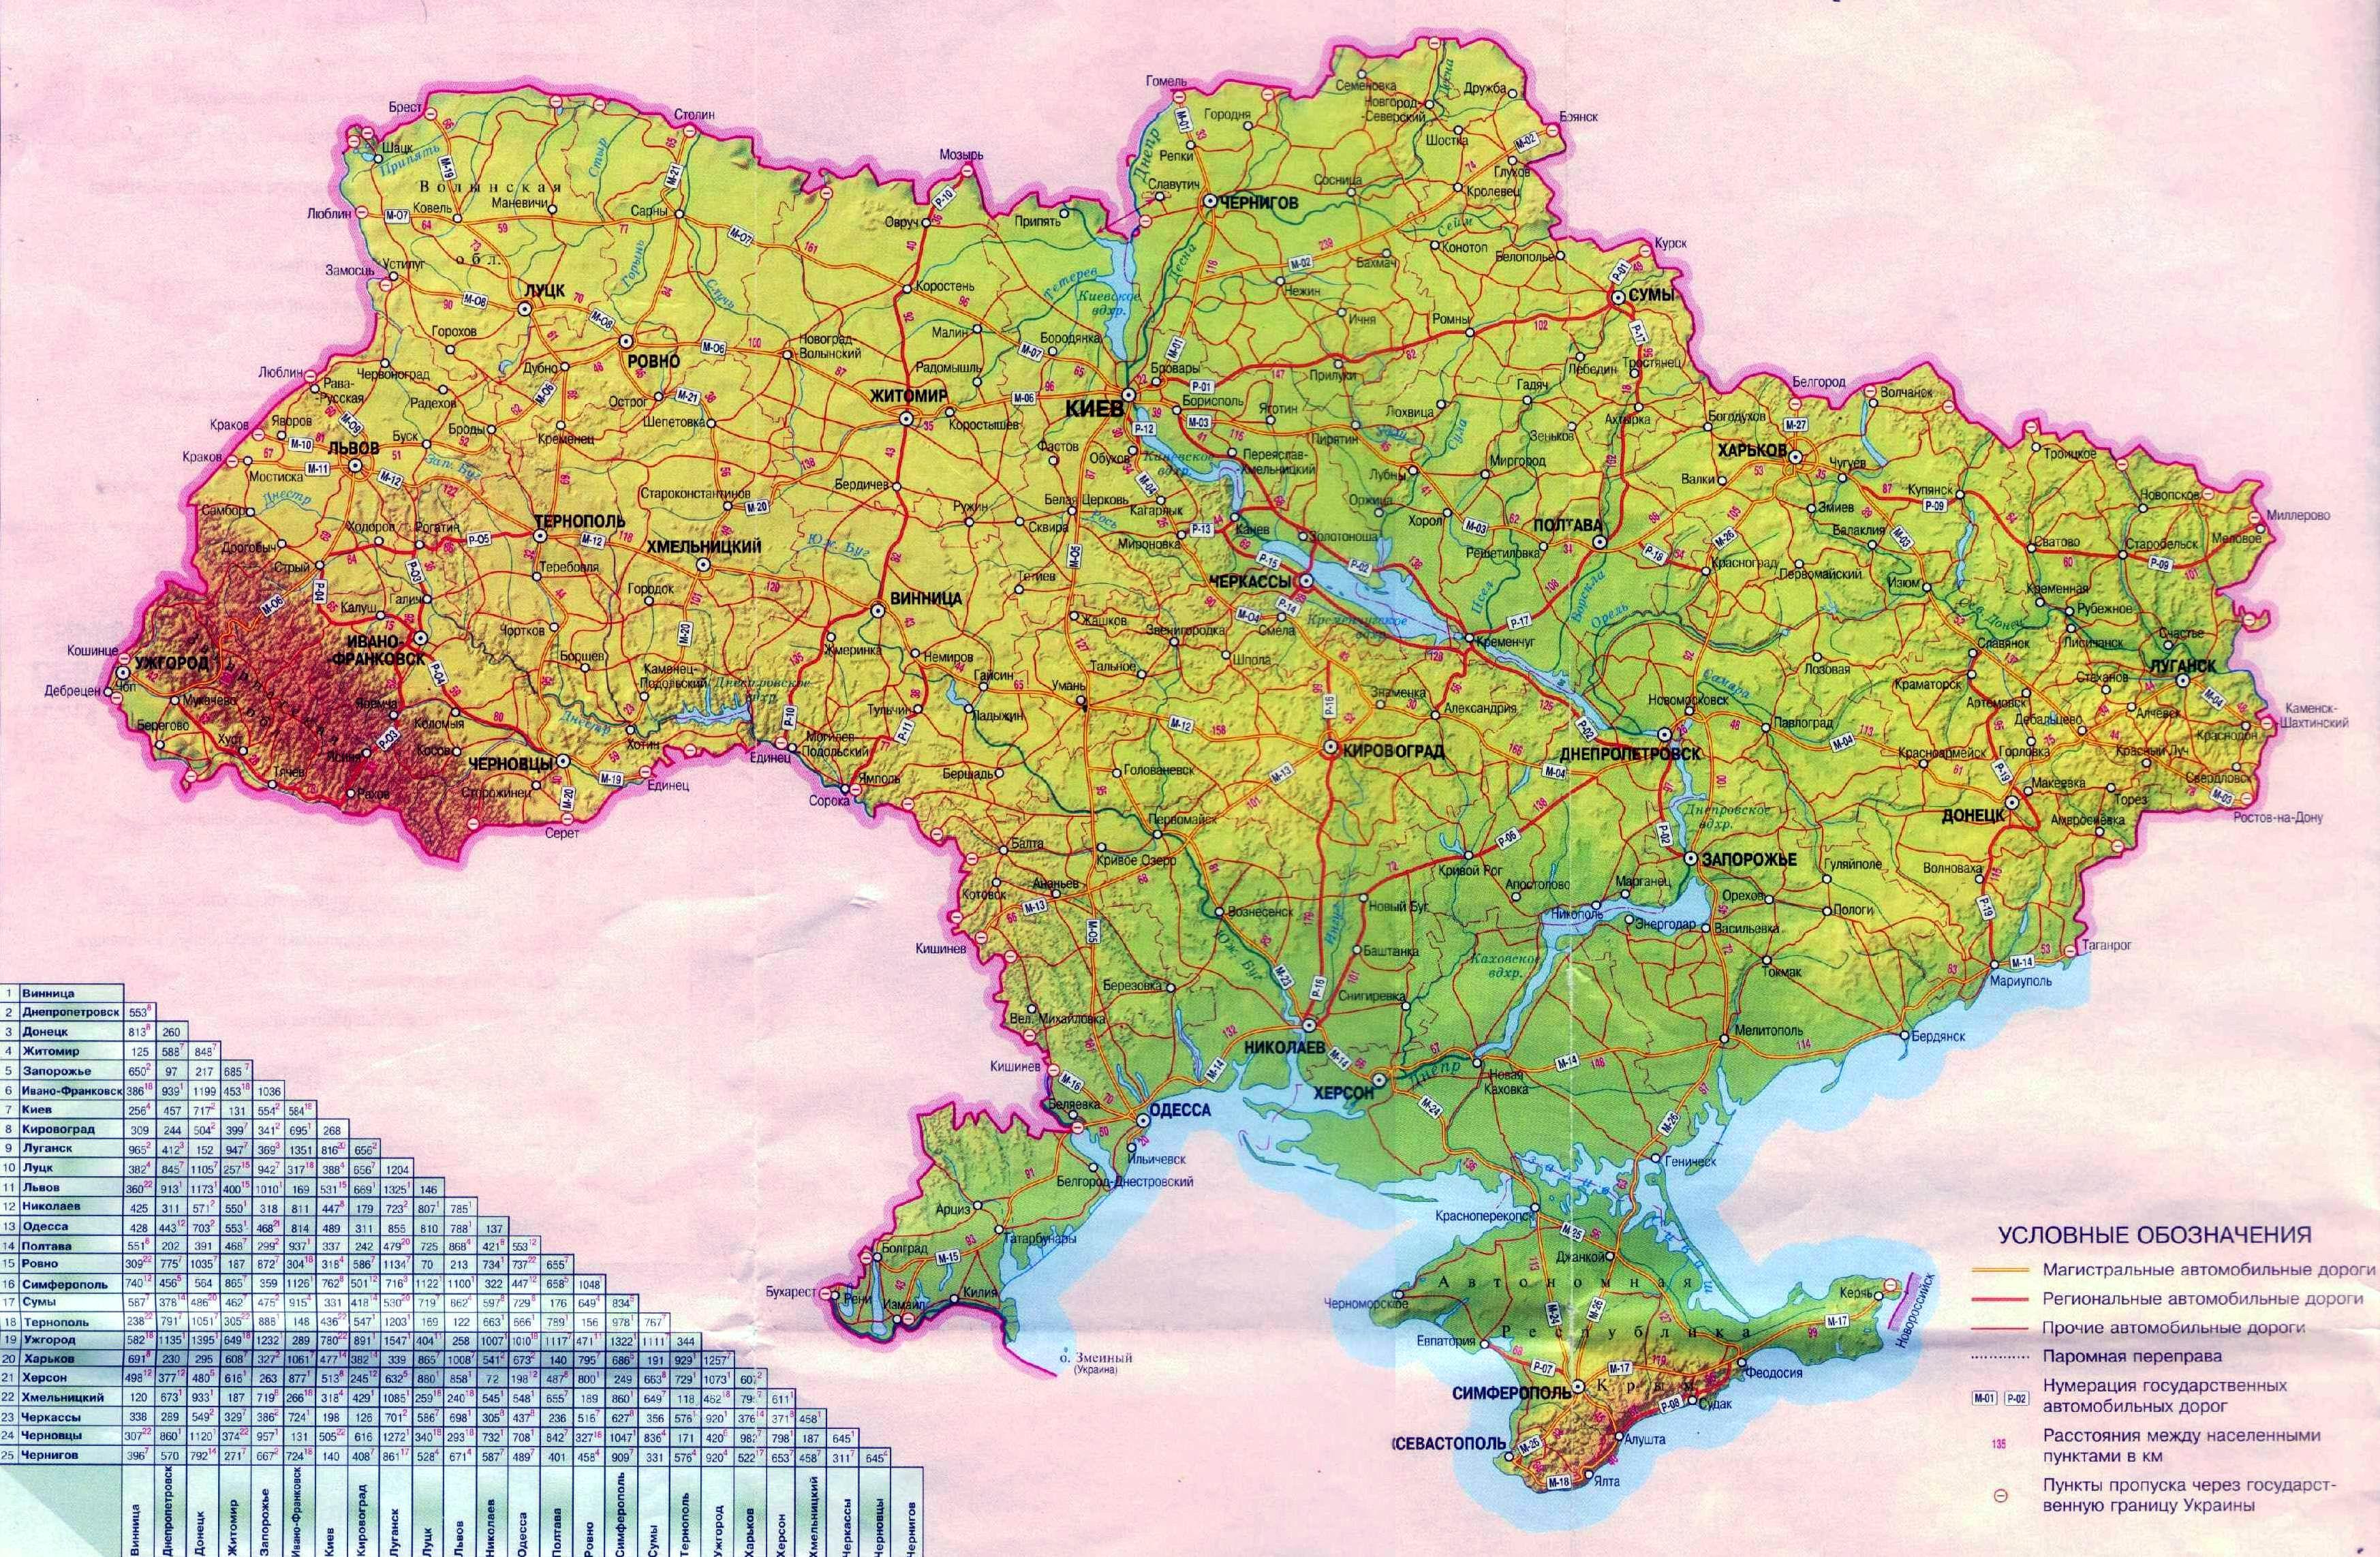 Кликните мышкой по карте украины